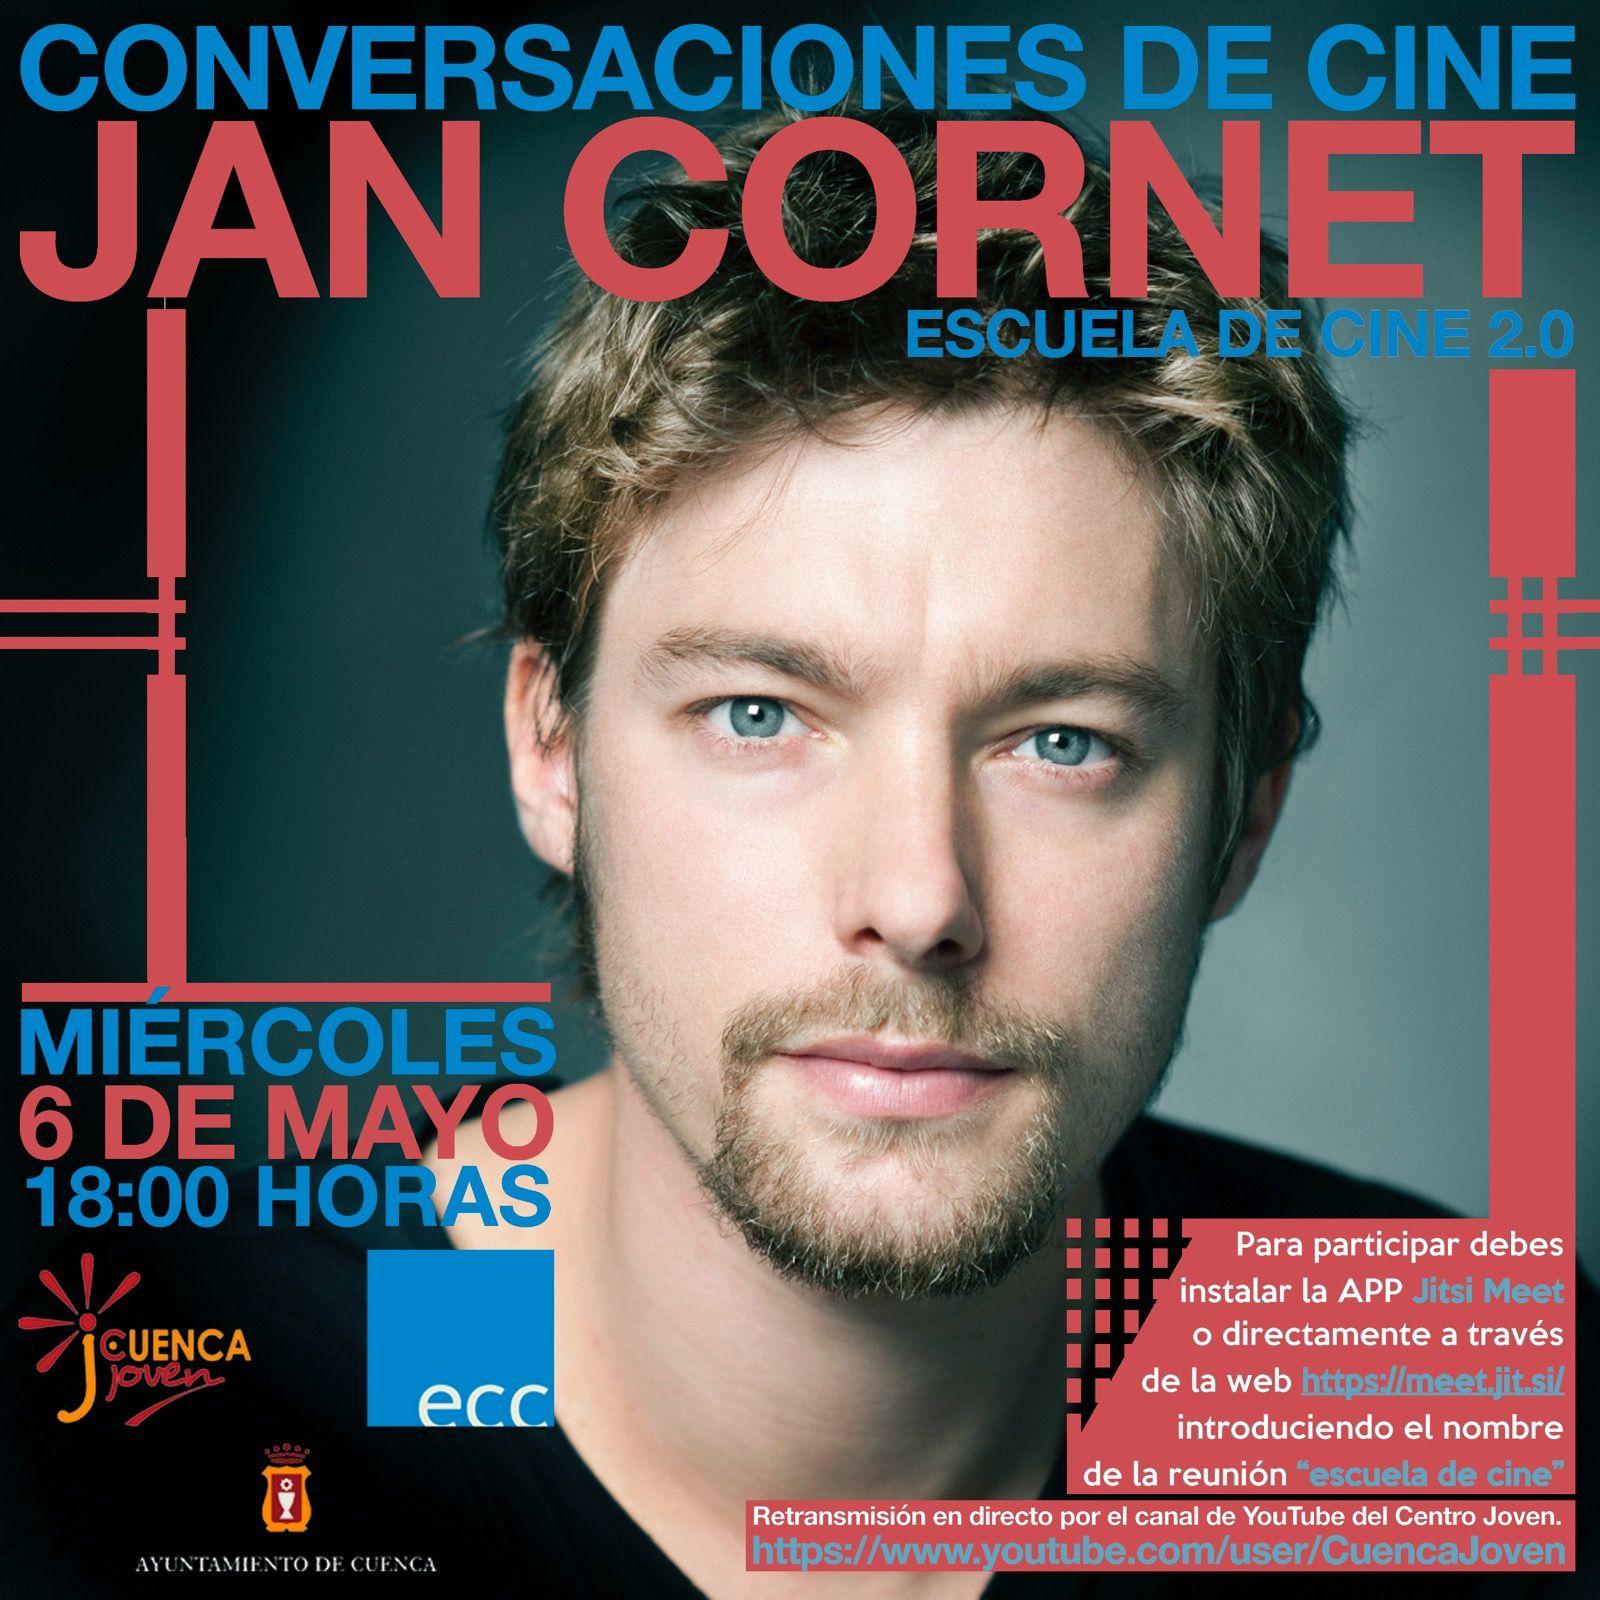 El programa del Centro Joven incluye un nuevo encuentro de cine con el actor Jan Cornet el miércoles en Cuenca